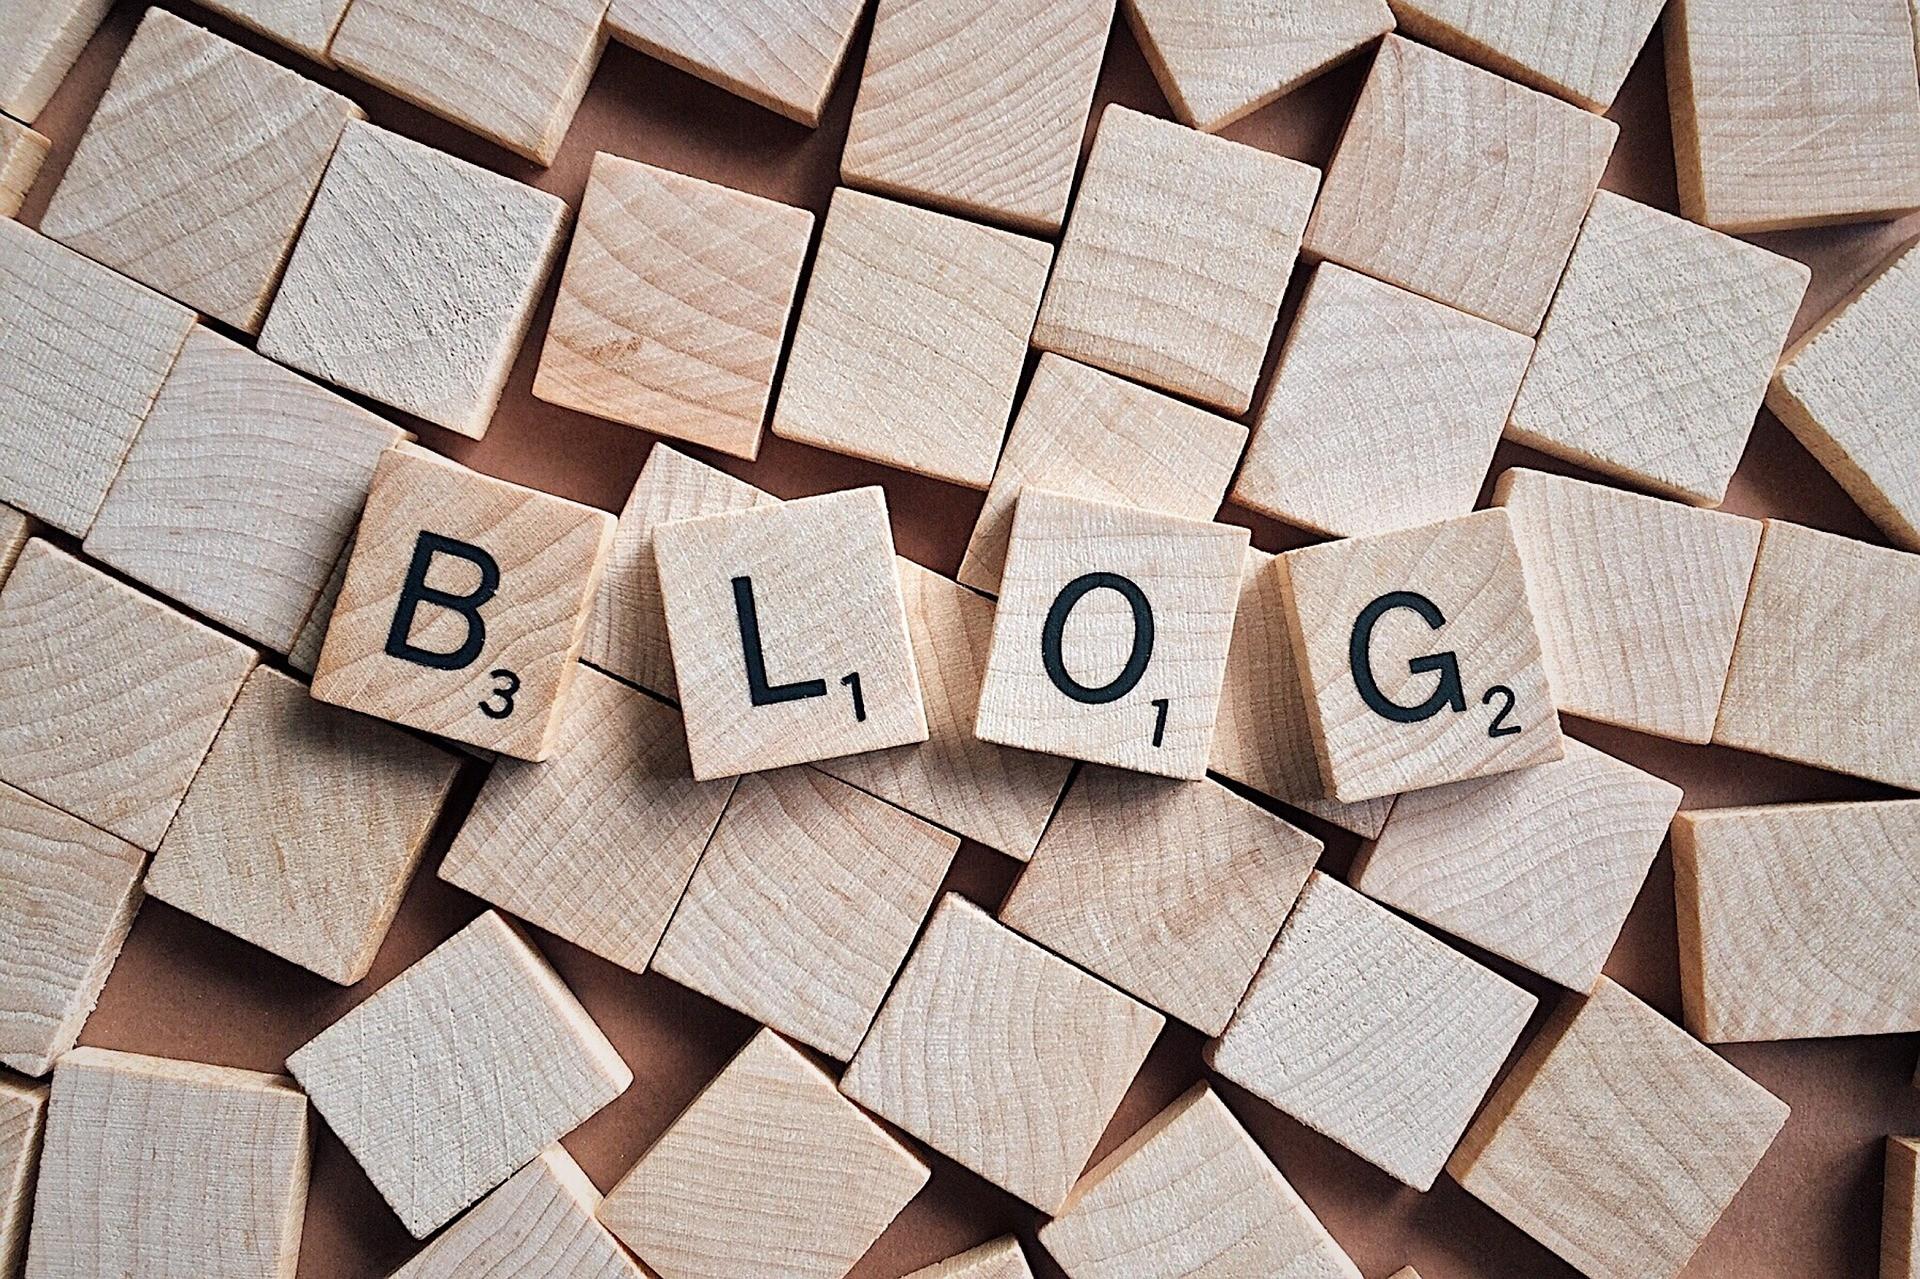 traducción blog porqué